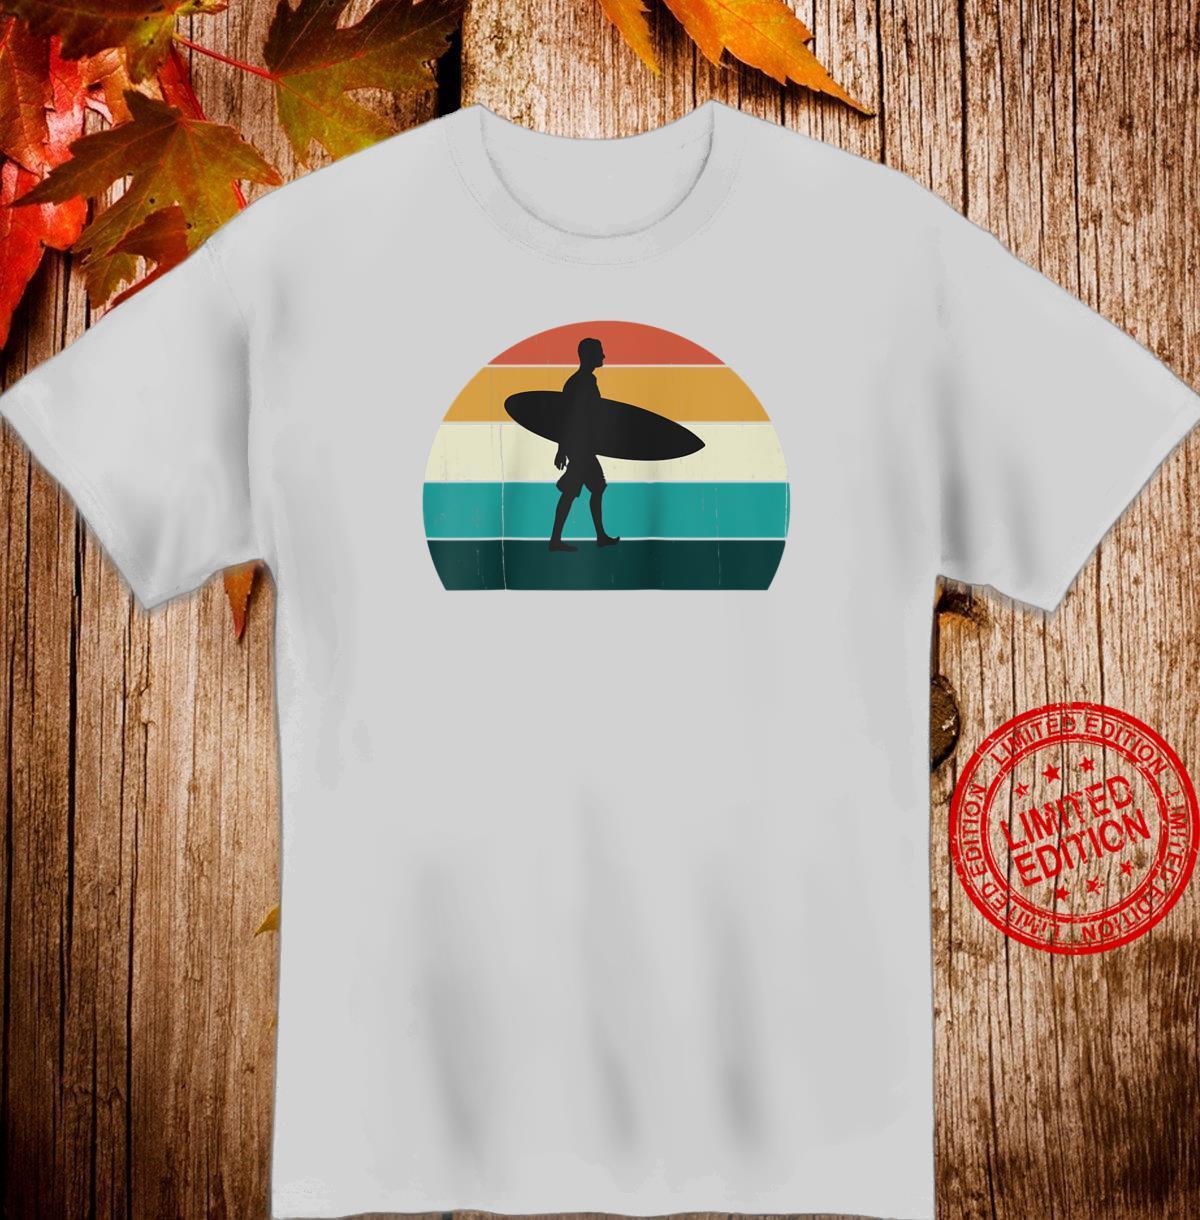 Retro Sunset Surfer Vintage Surfing Beach Sun & Surf Shirt